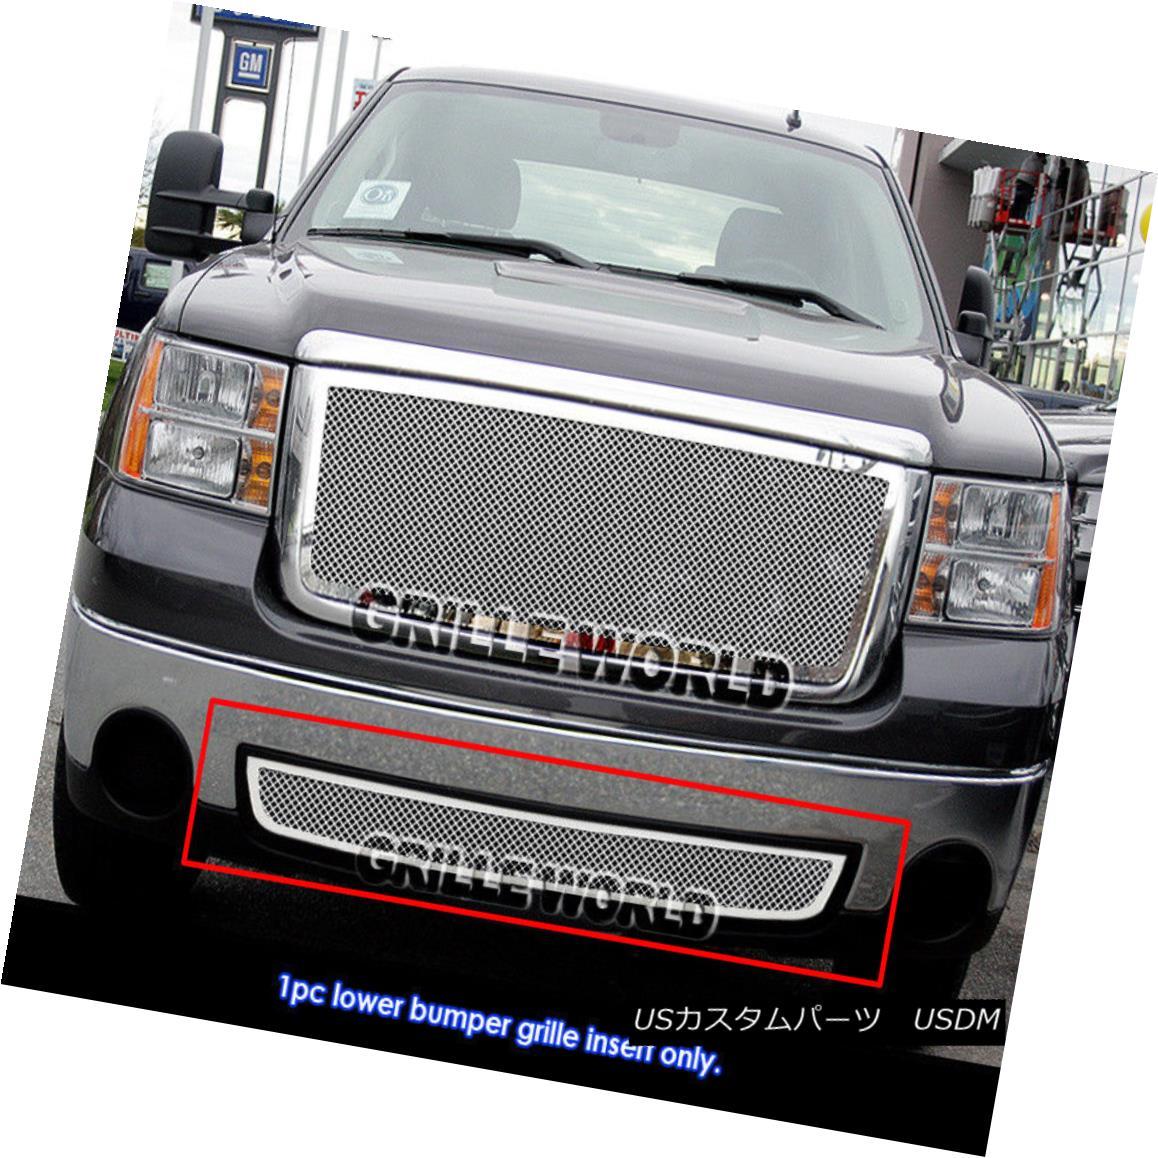 グリル 07-11 GMC Sierra 1500/07-10 2500HD/3500HD Bumper Stainless Steel Mesh Grille 07-11 GMC Sierra 1500 / 07-10 2500HD / 3500HDバンパーステンレスメッシュグリル